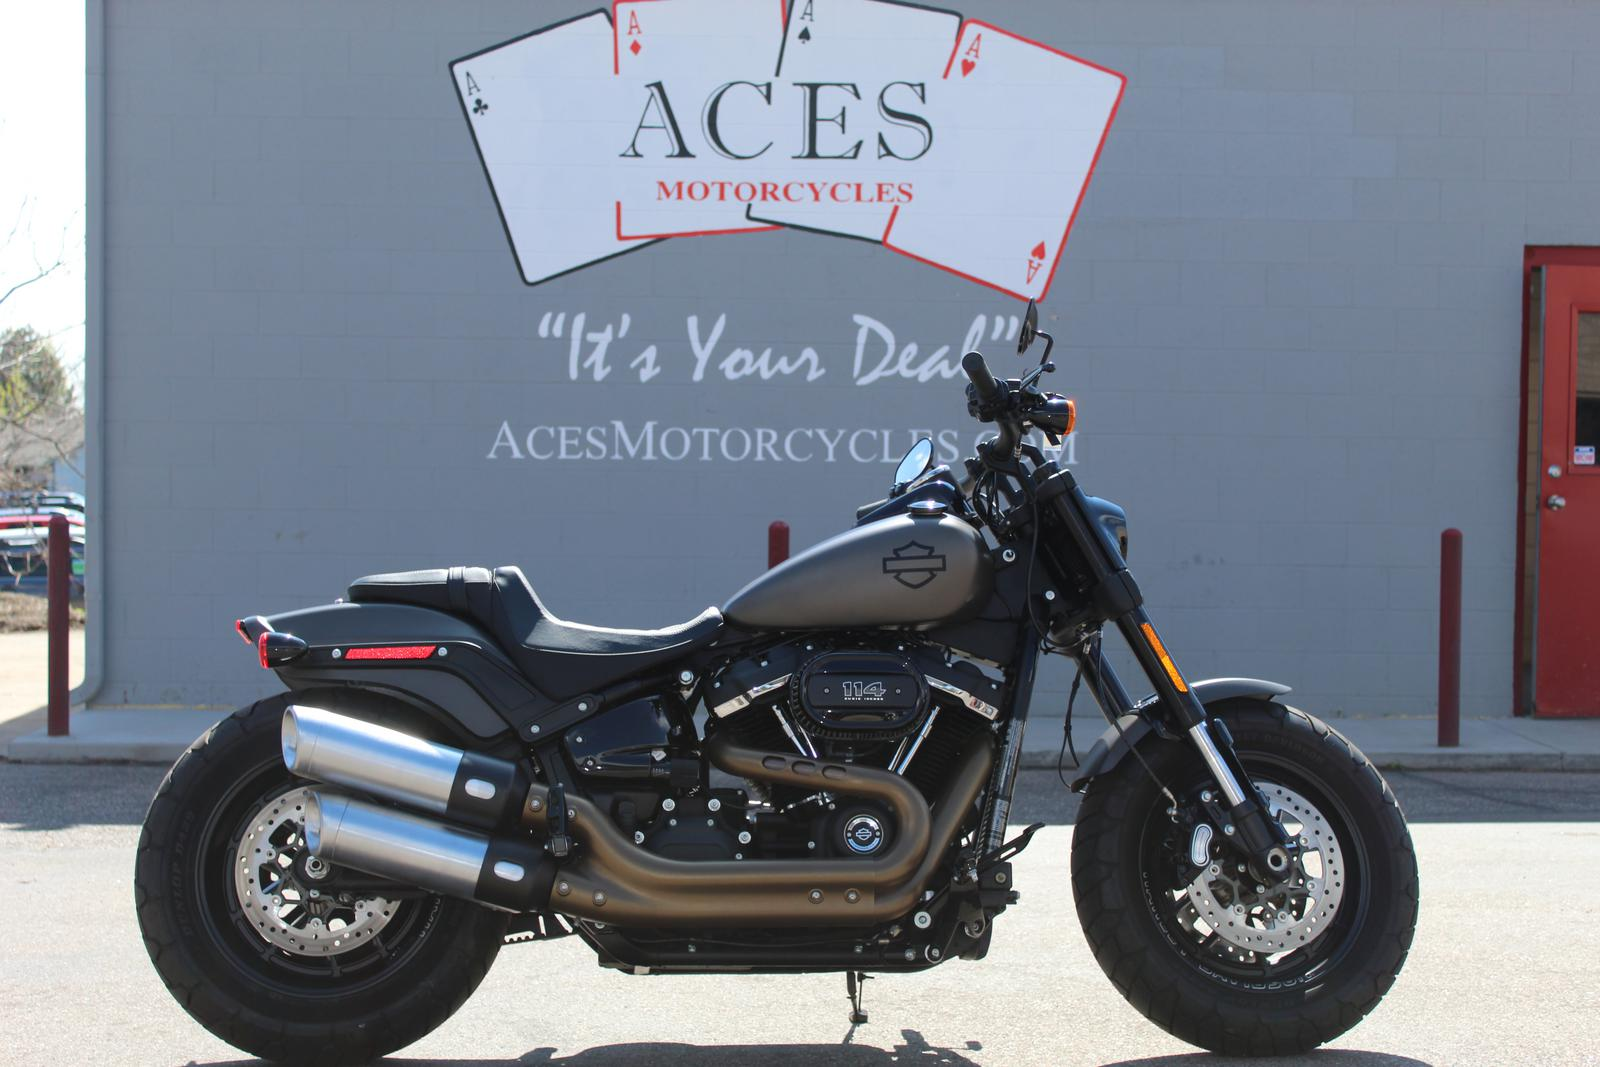 2018 Harley-Davidson® Softail Fat Bob 114